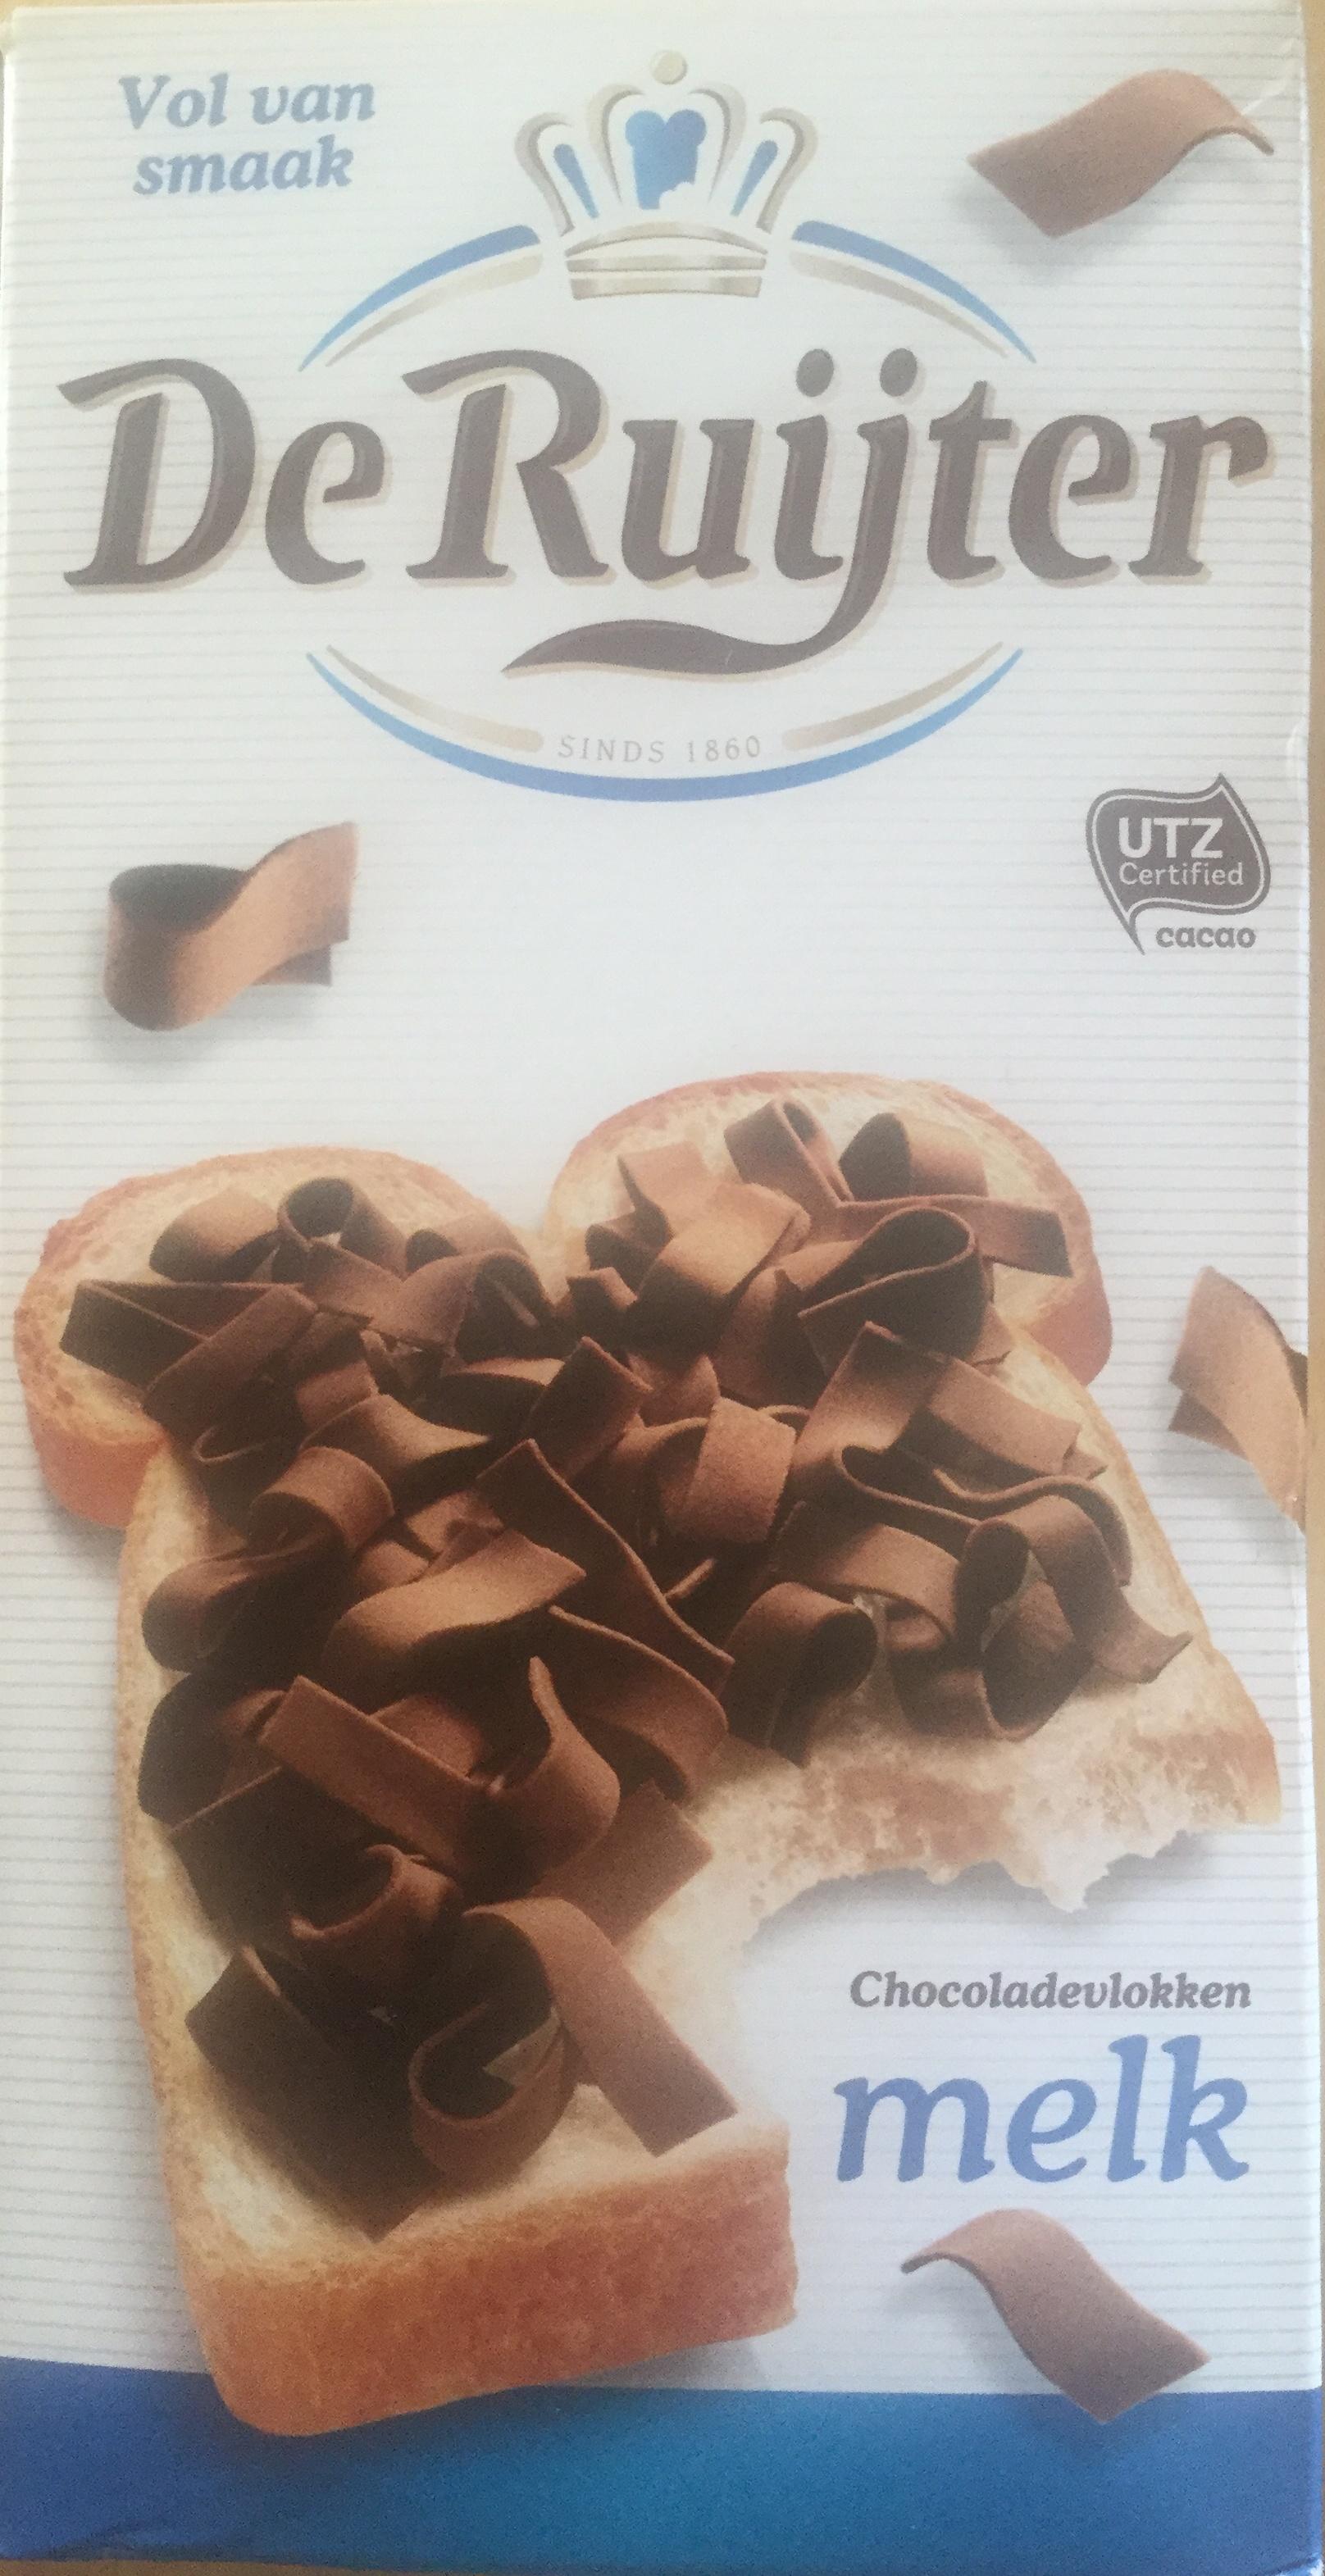 Chocoladevlokken melk - Product